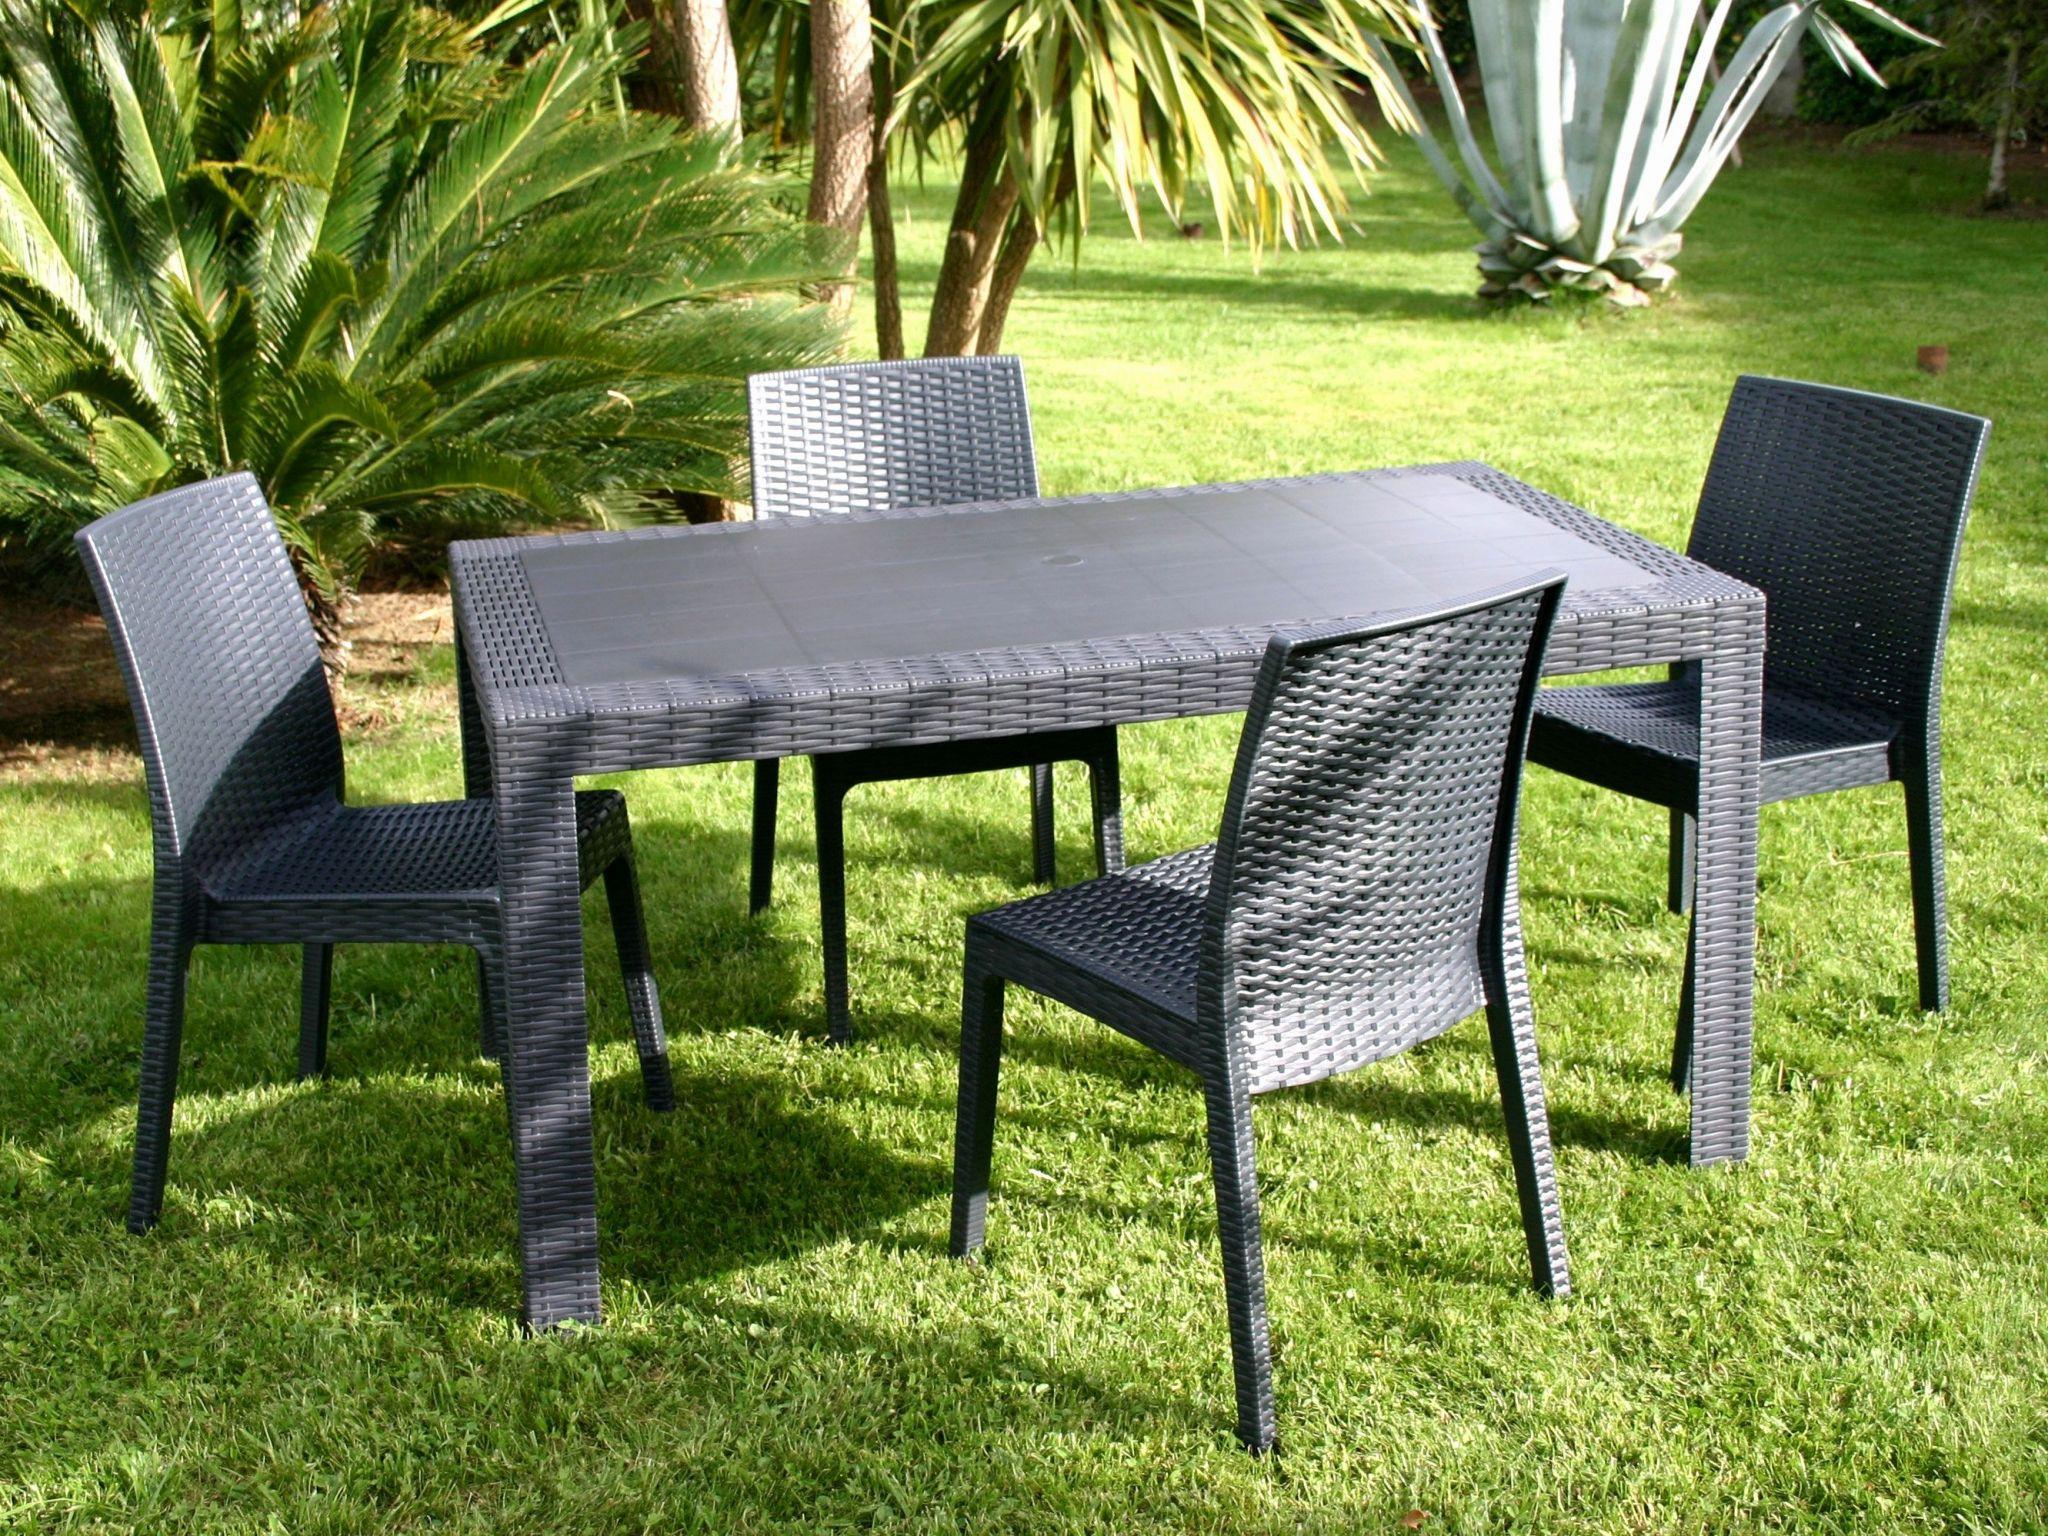 mobilier de jardin resine tressee carrefour  châlet